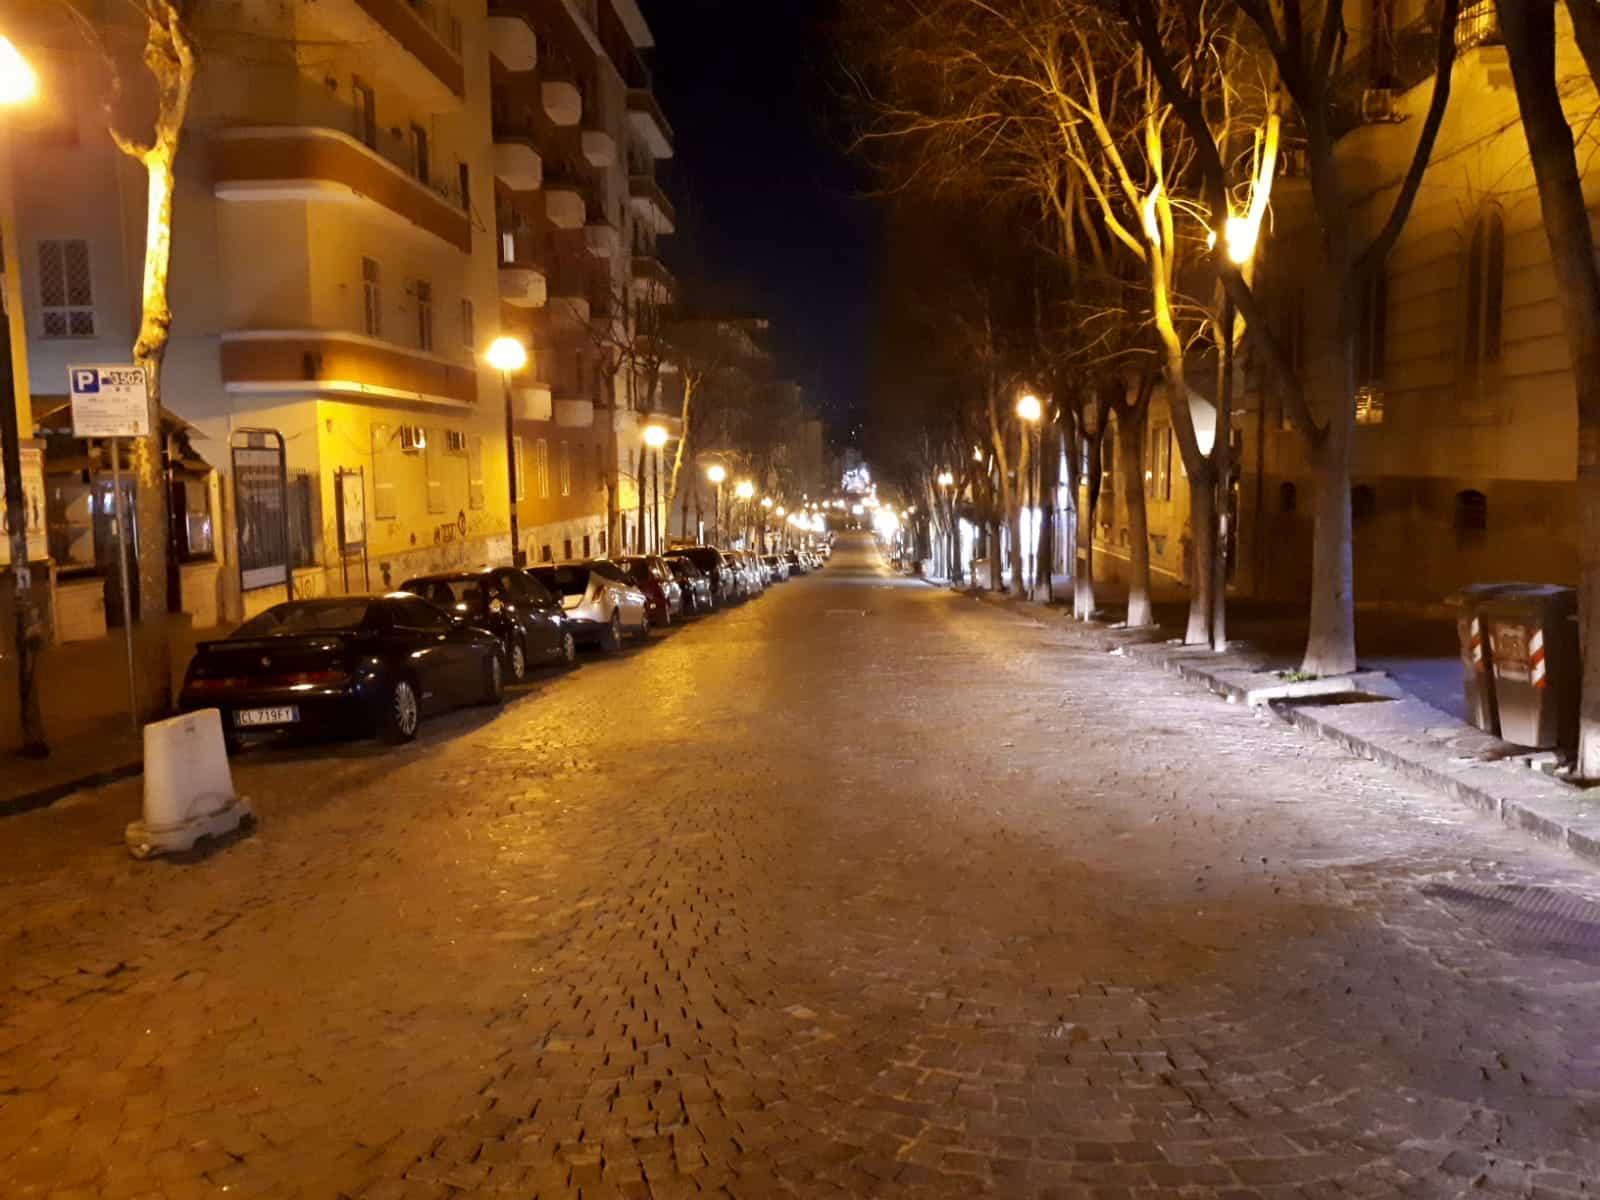 strade deserte 2-2-2